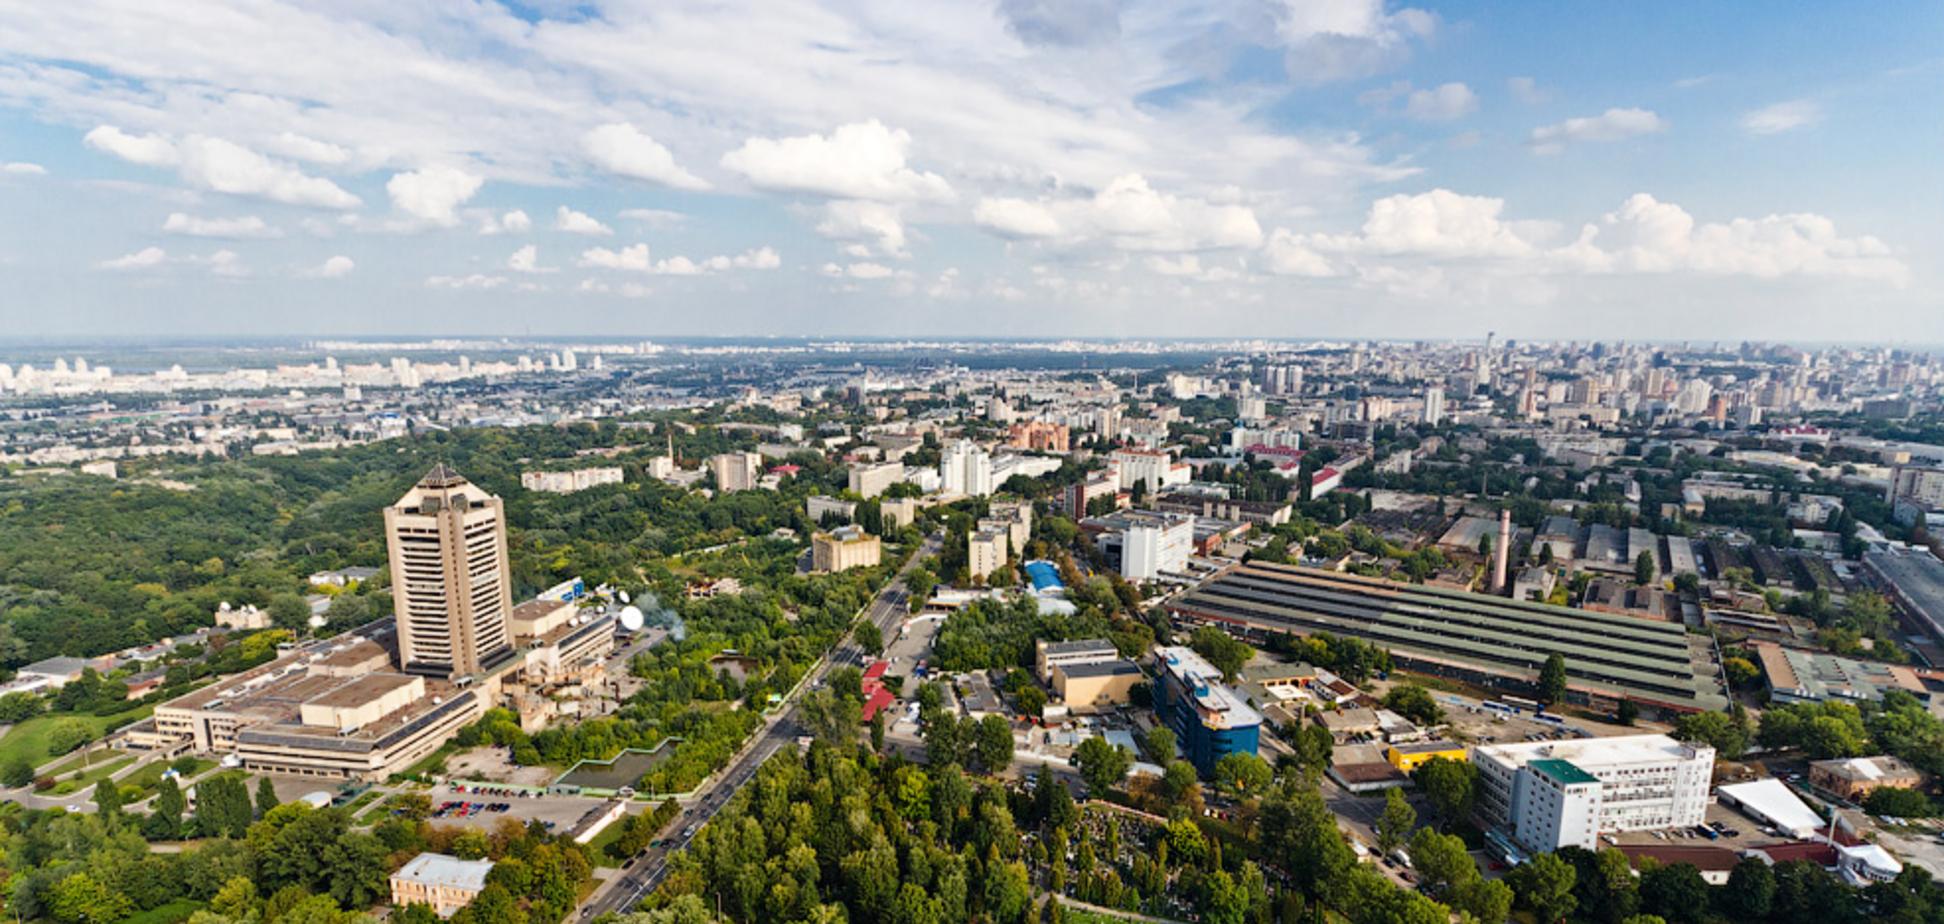 Апетити зростають: як забудовники перекривають українцям кисень